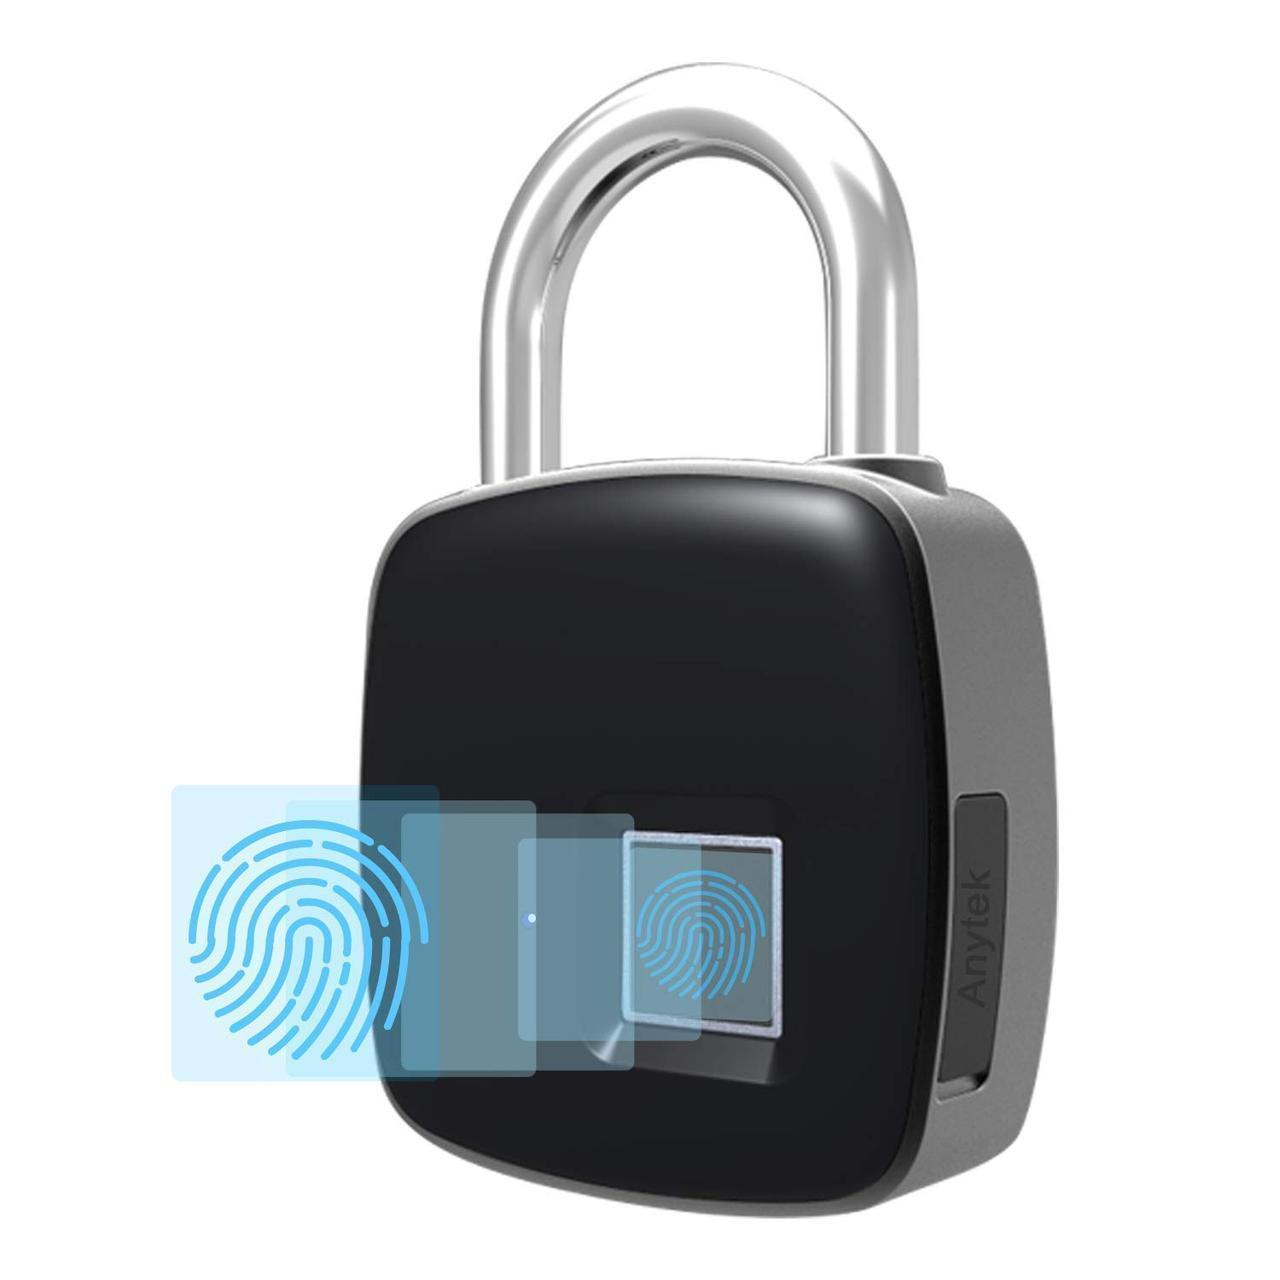 Умный биометрический замок с отпечатком пальца USB Rechargeable Smart Keyless Fingerprint Lock